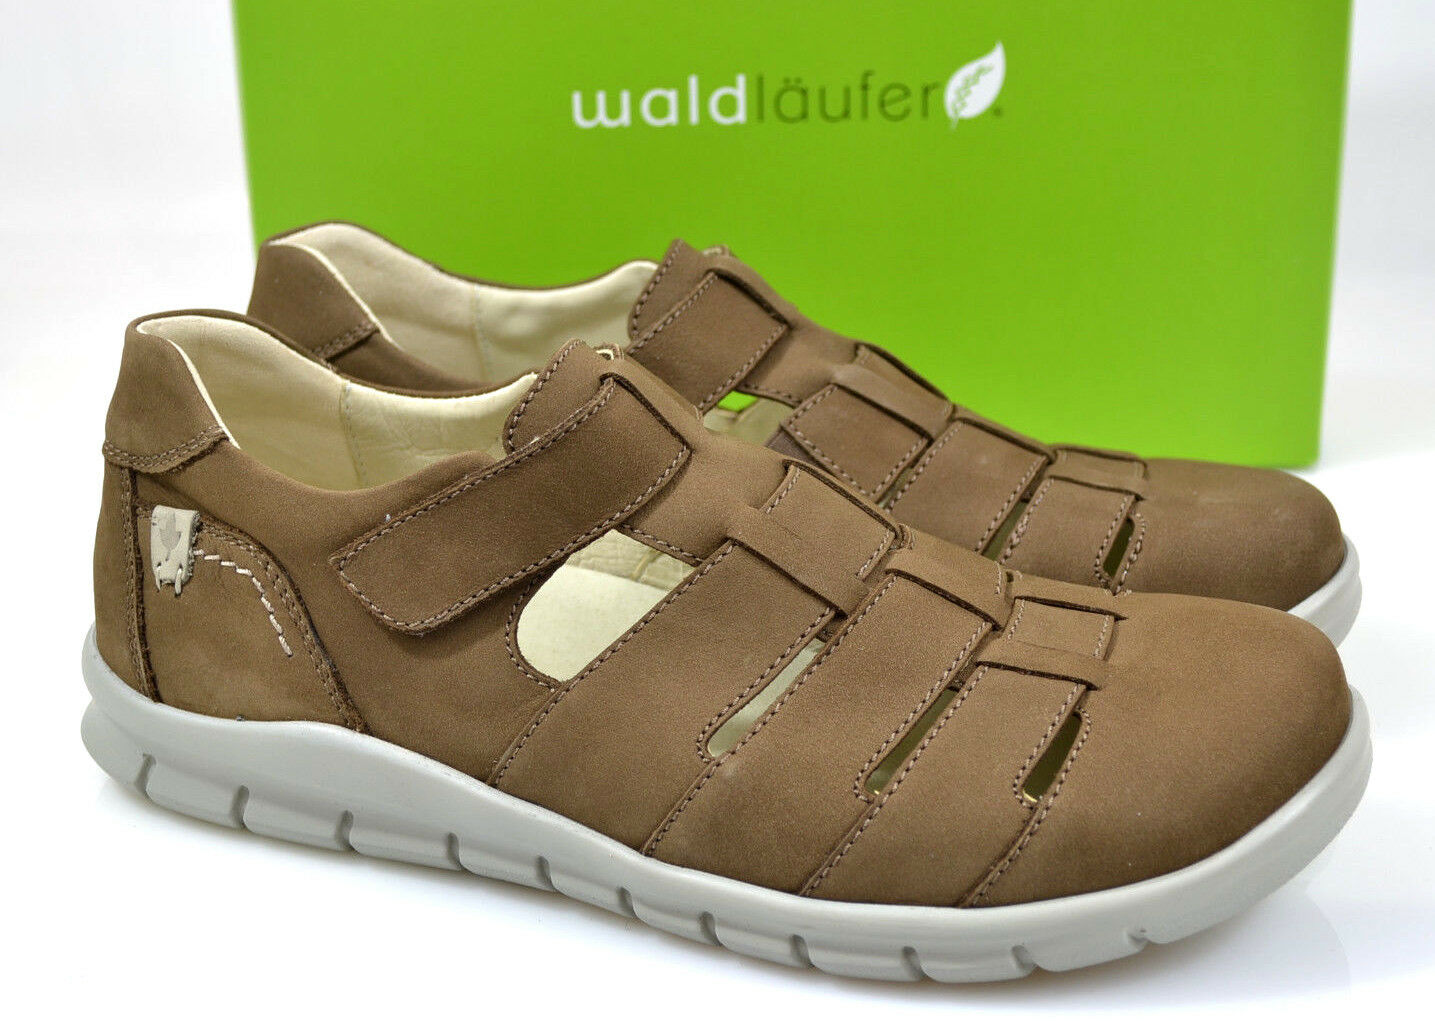 Waldläufer Herren Comfort Slipper Klettverschluß Sandale Schuhe braun Weit NEU